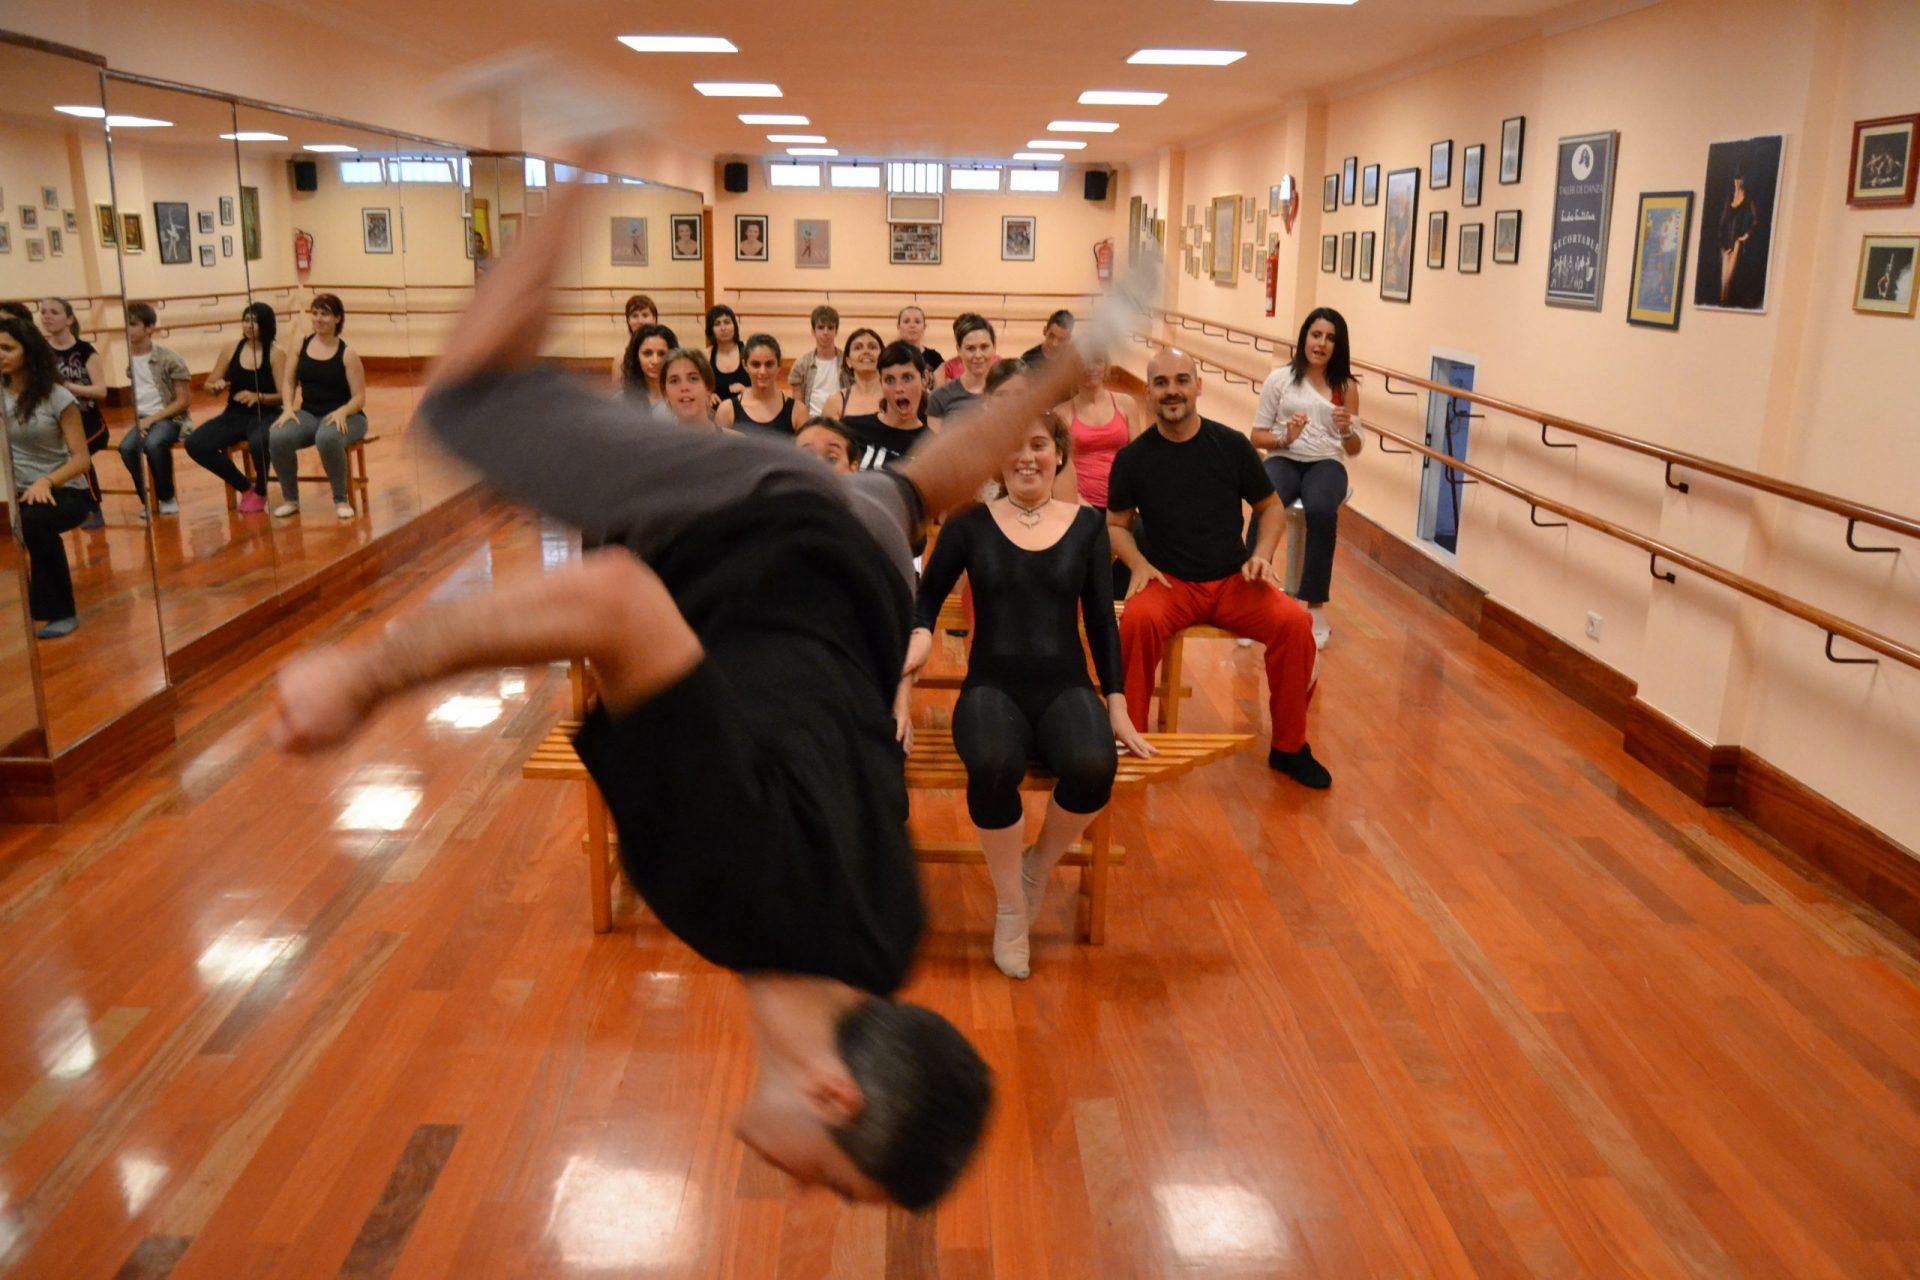 Foto en el Centro de Danza Sandra Santa Cruz donde un bailarín realiza una acrobacia para el Flasmob en la Escuela Oficial de Idiomas de Las Palmas II.